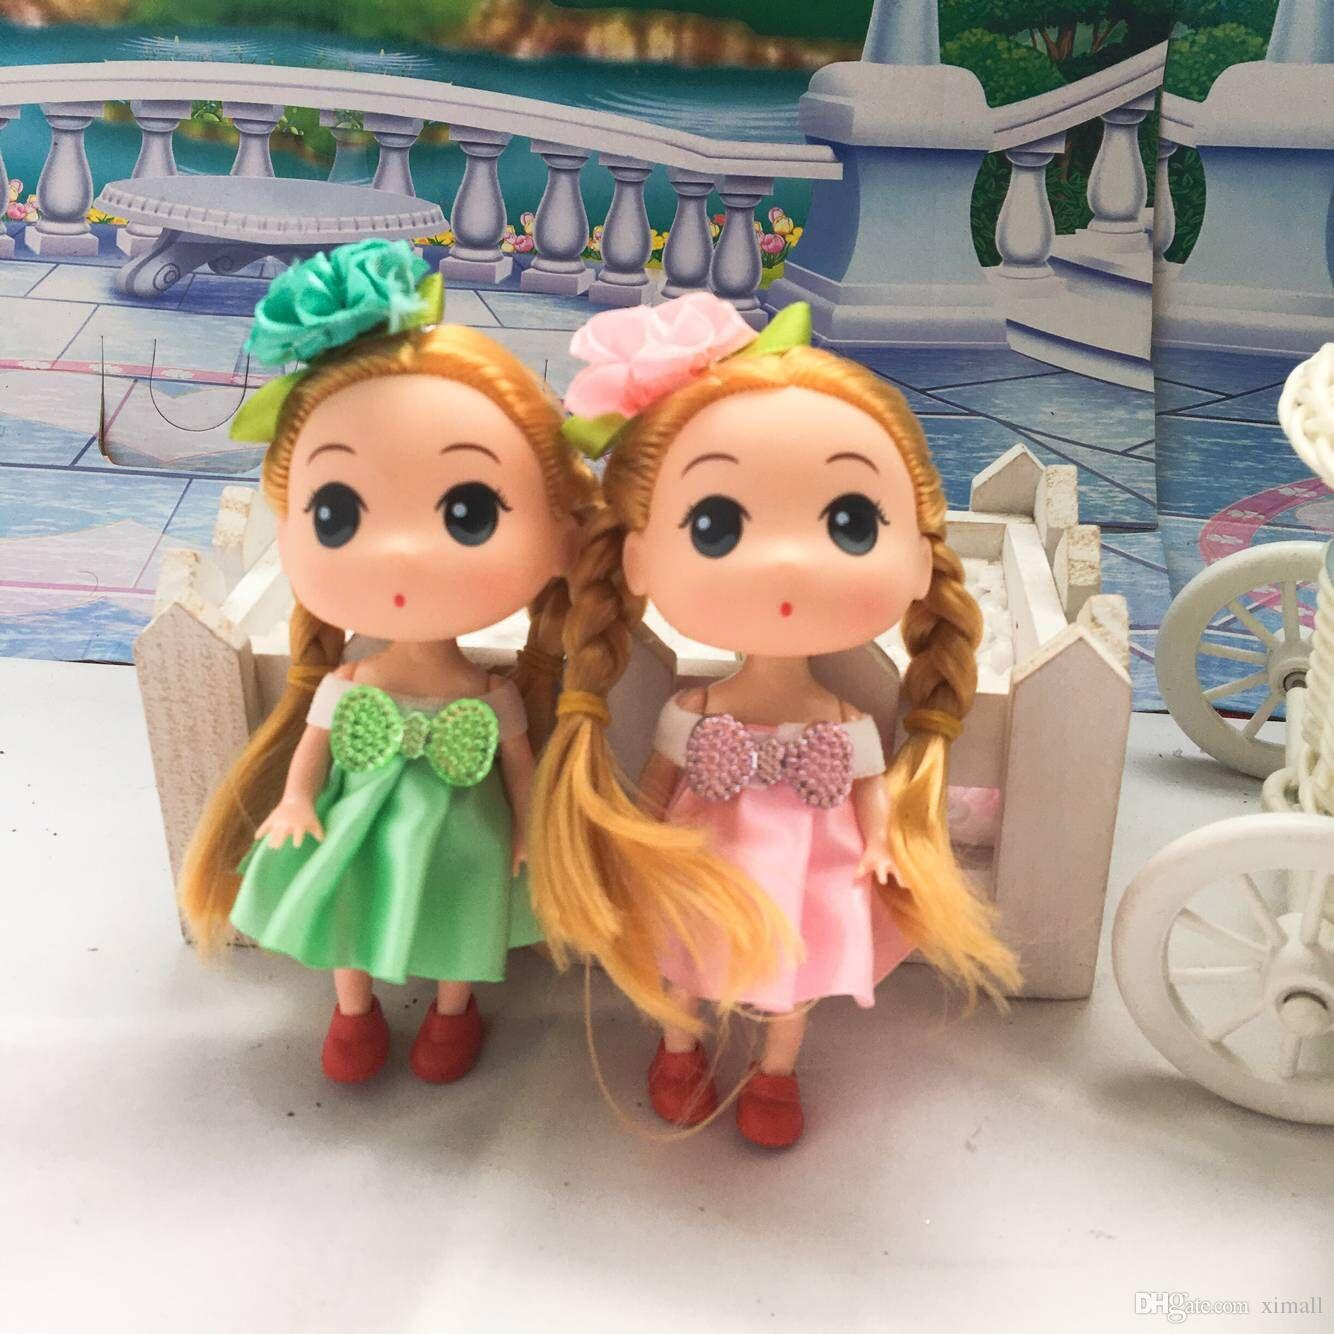 12pcs / lot nuovi giocattoli per bambini interattivi molli interattivi delle bambole mini pendente della bambola per il regalo di Natale di compleanno dei ragazzi delle ragazze buon trasporto libero